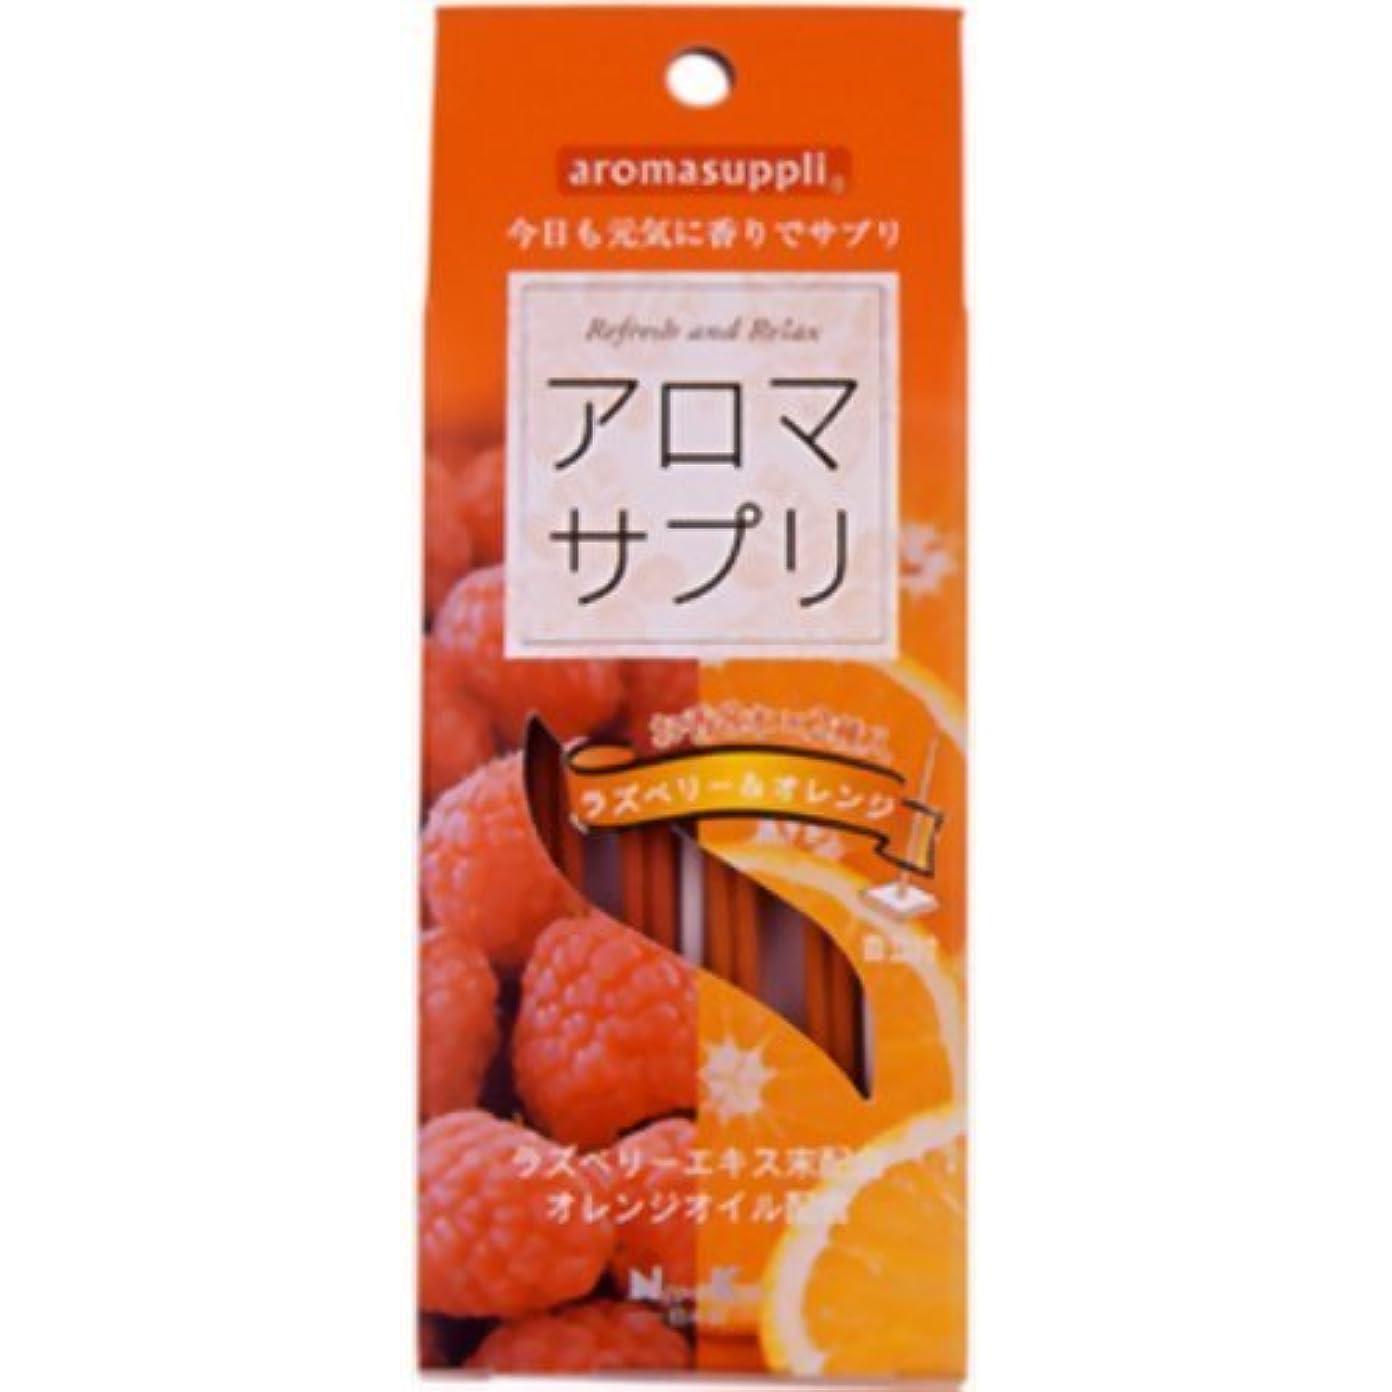 イタリックスポンジ急勾配のアロマサプリ ラズベリー&オレンジ スティック 16本入